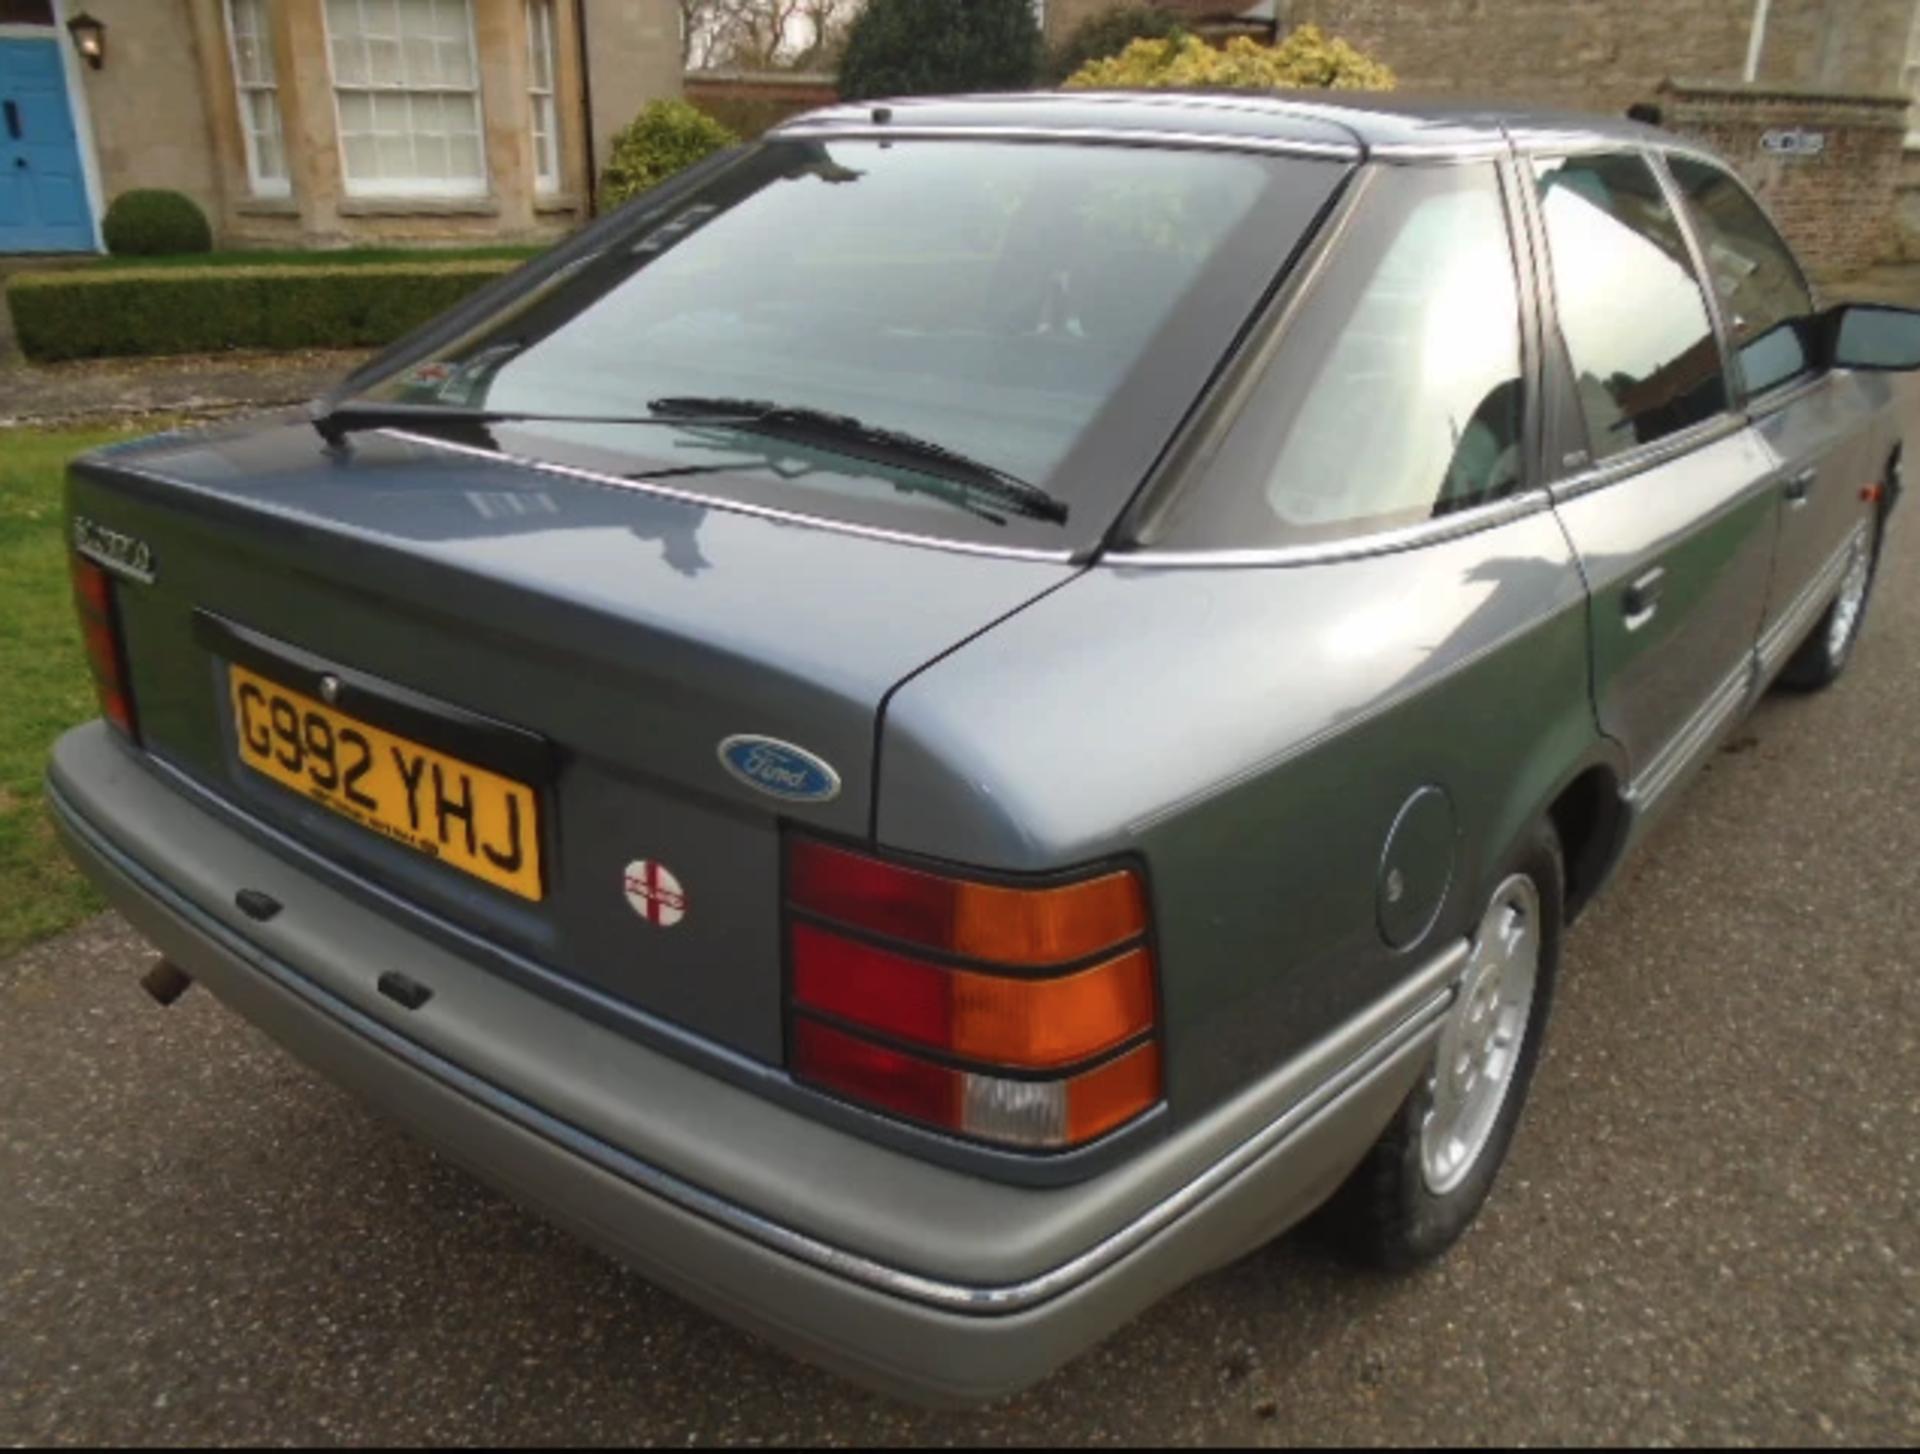 1989 Ford Granada Scorpio 2.9L V6 - Image 3 of 5